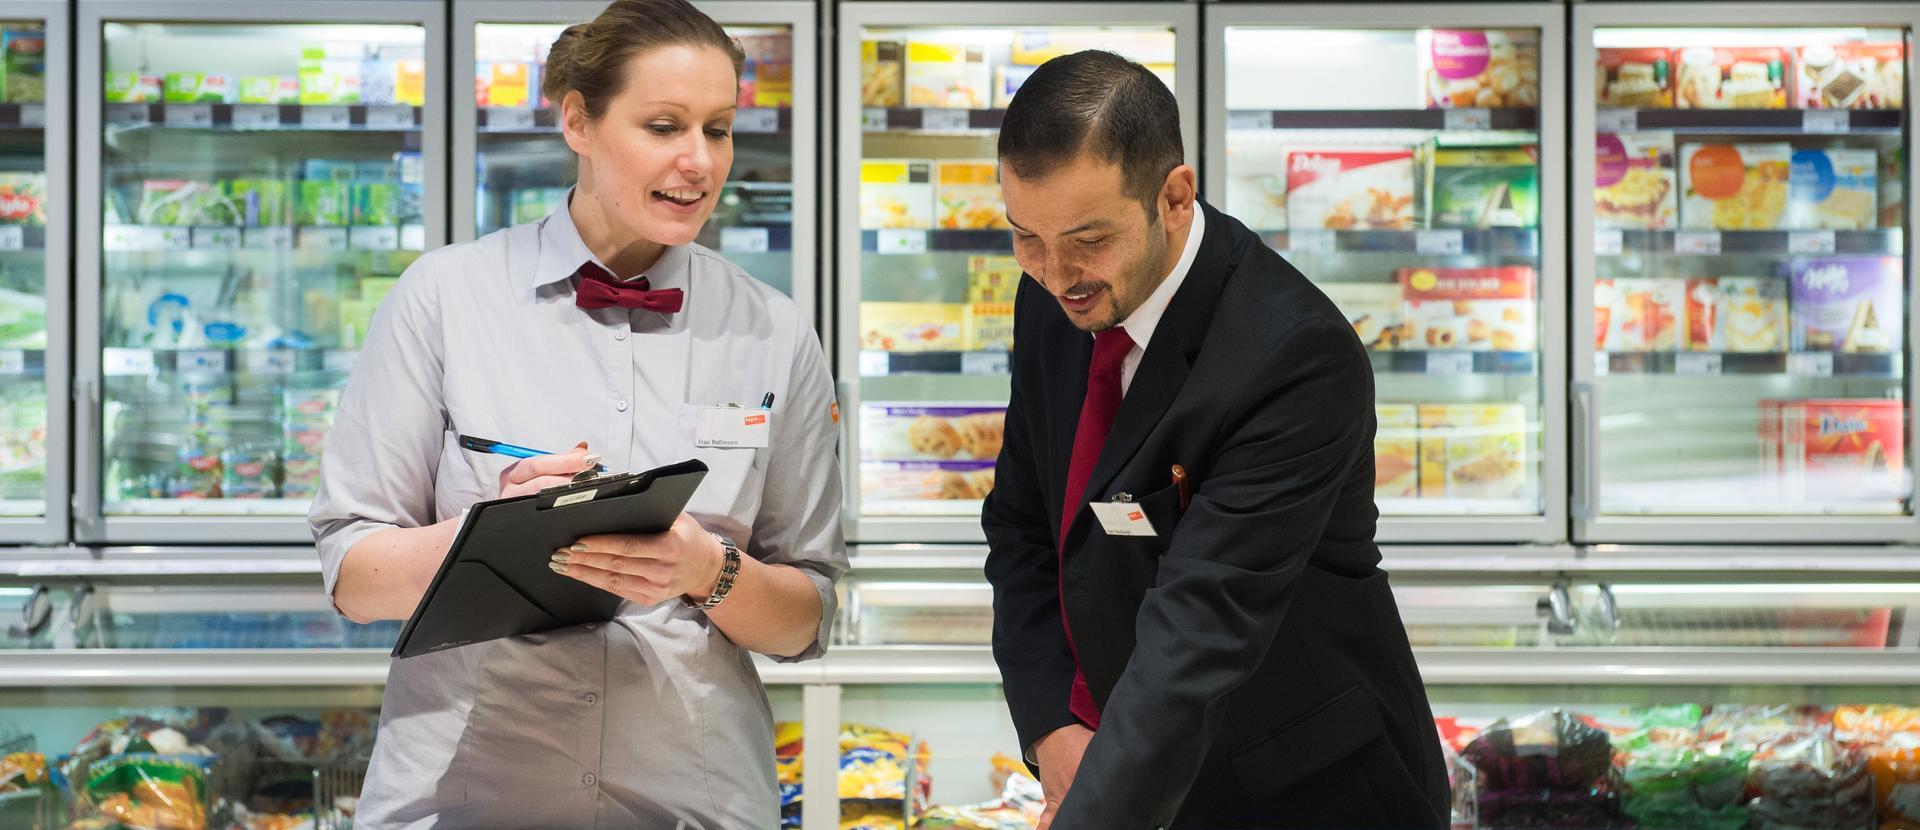 zwei Mitarbeiter machen Kühlkontrolle